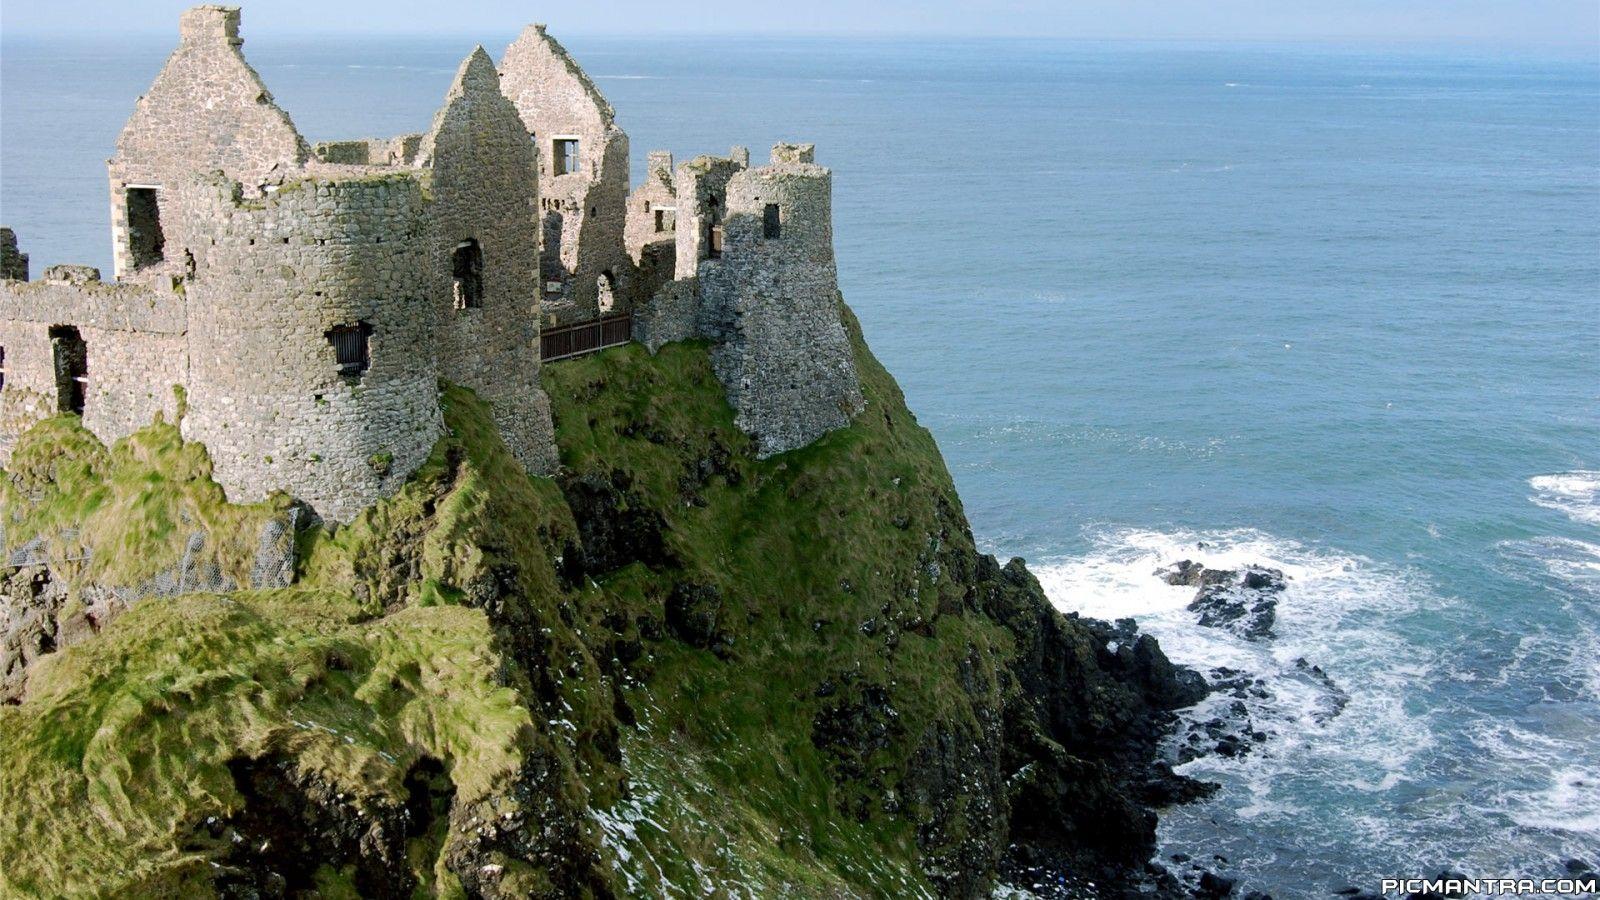 Wallpapers Irish Castles Wallpaper Castle Desktop 1600x900